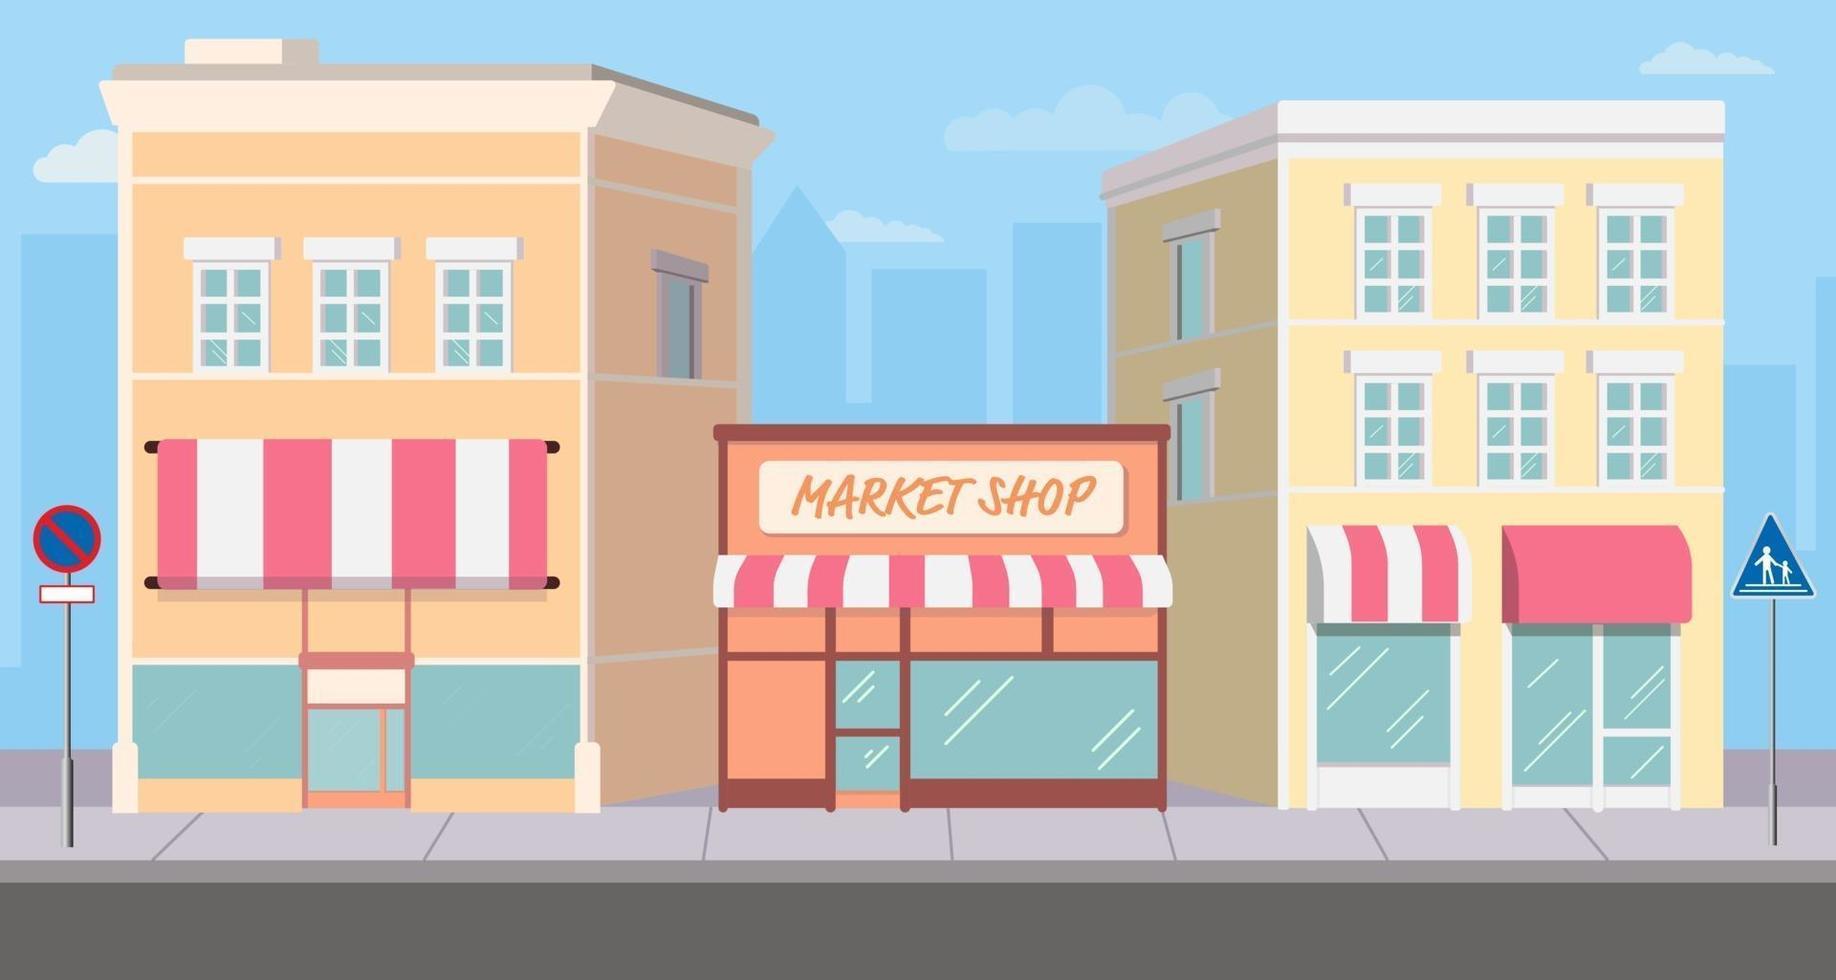 immeuble plat et rue commerçante marquée d'un panneau de signalisation sur le sentier. paysage urbain sur la rue principale. façade de magasin sur route avec fond de ville silhouette. bâtiments de magasins modernes. vecteur